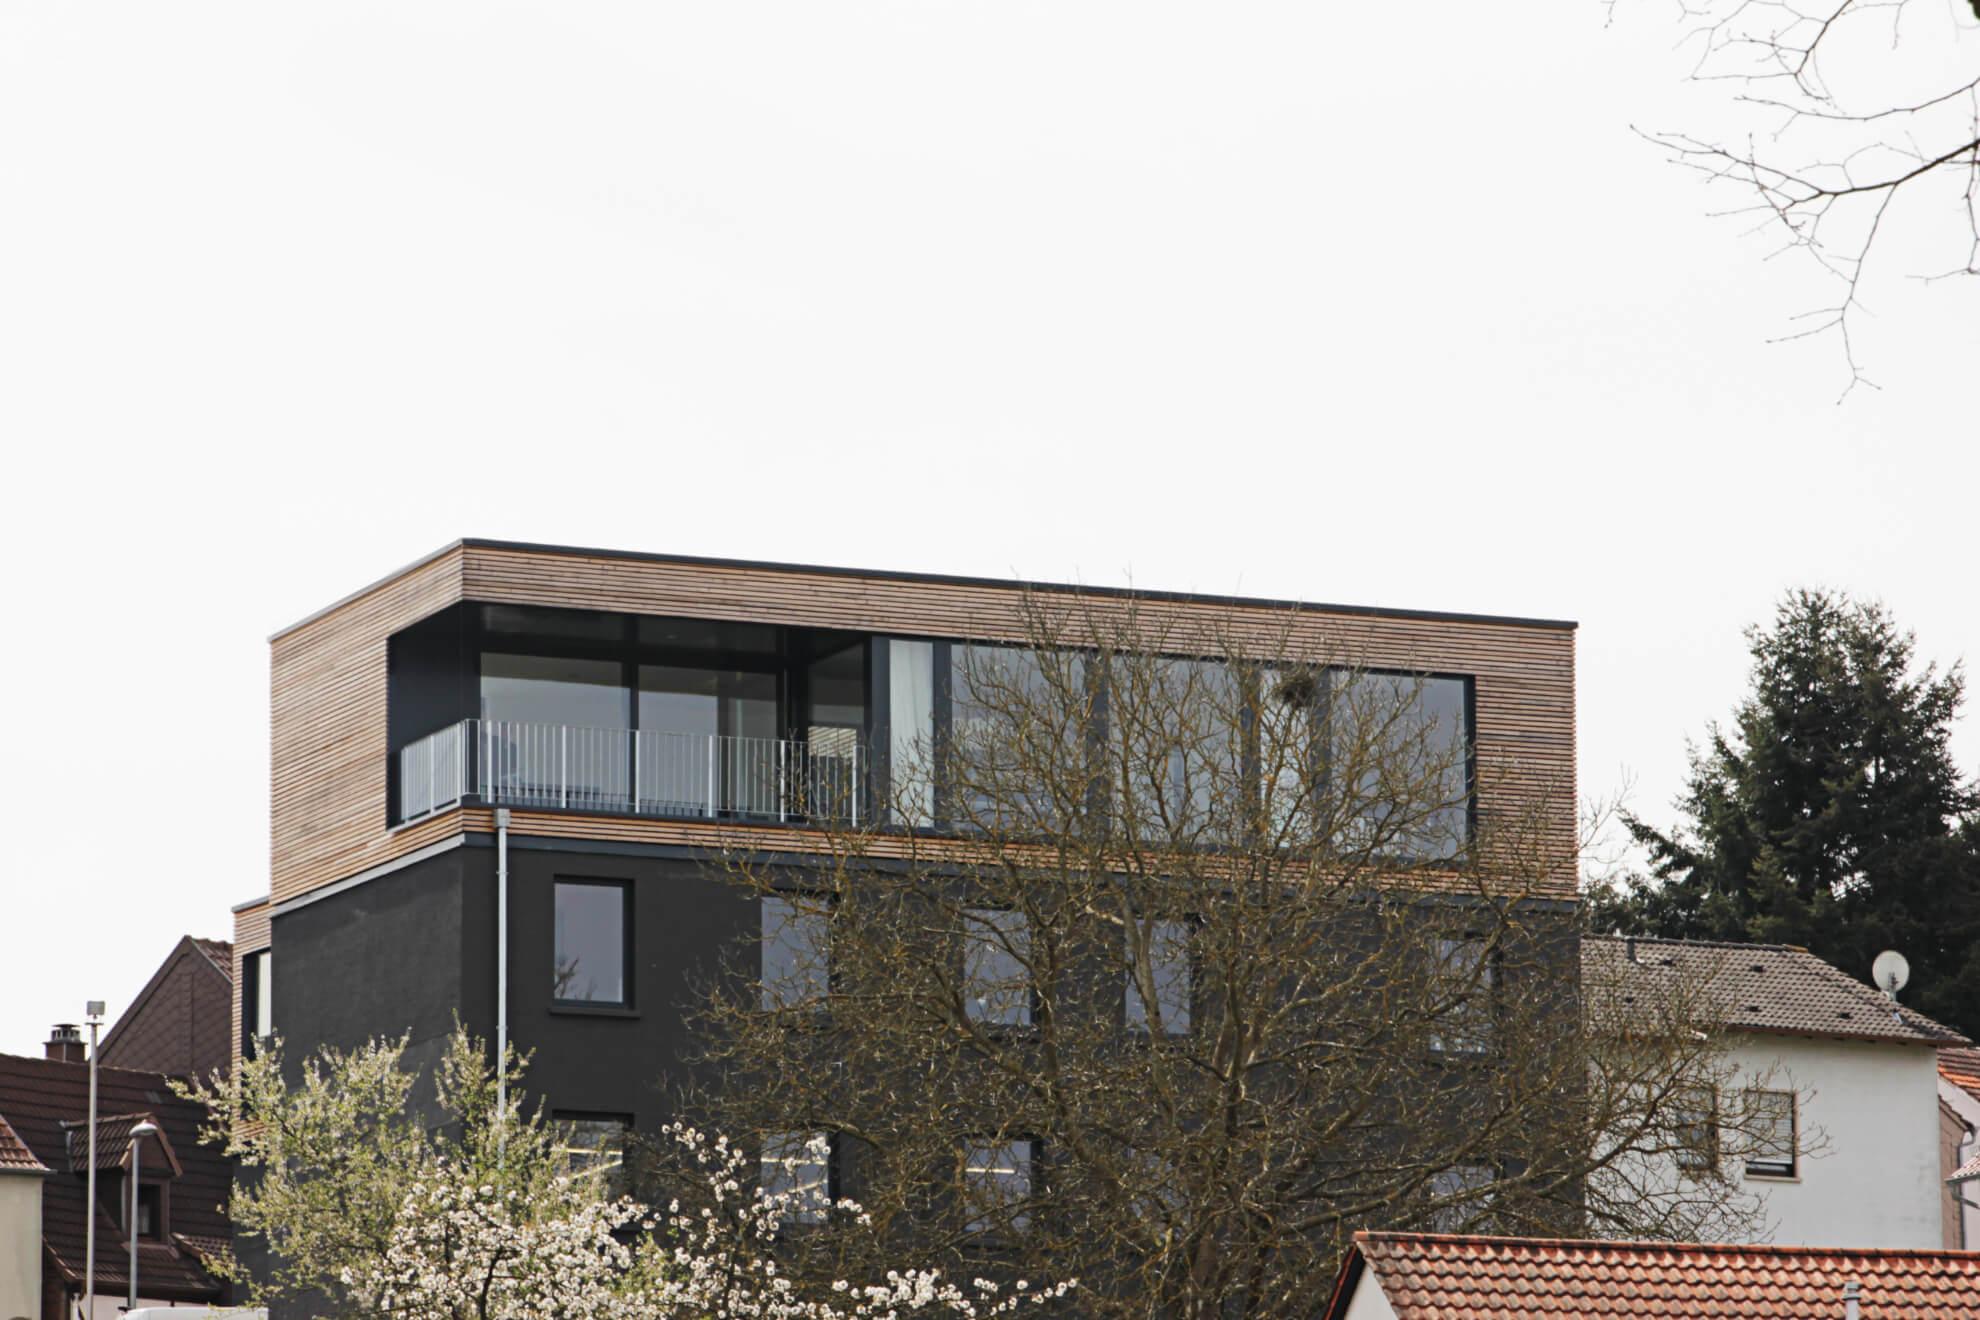 TS68-03-marcbetz architekten